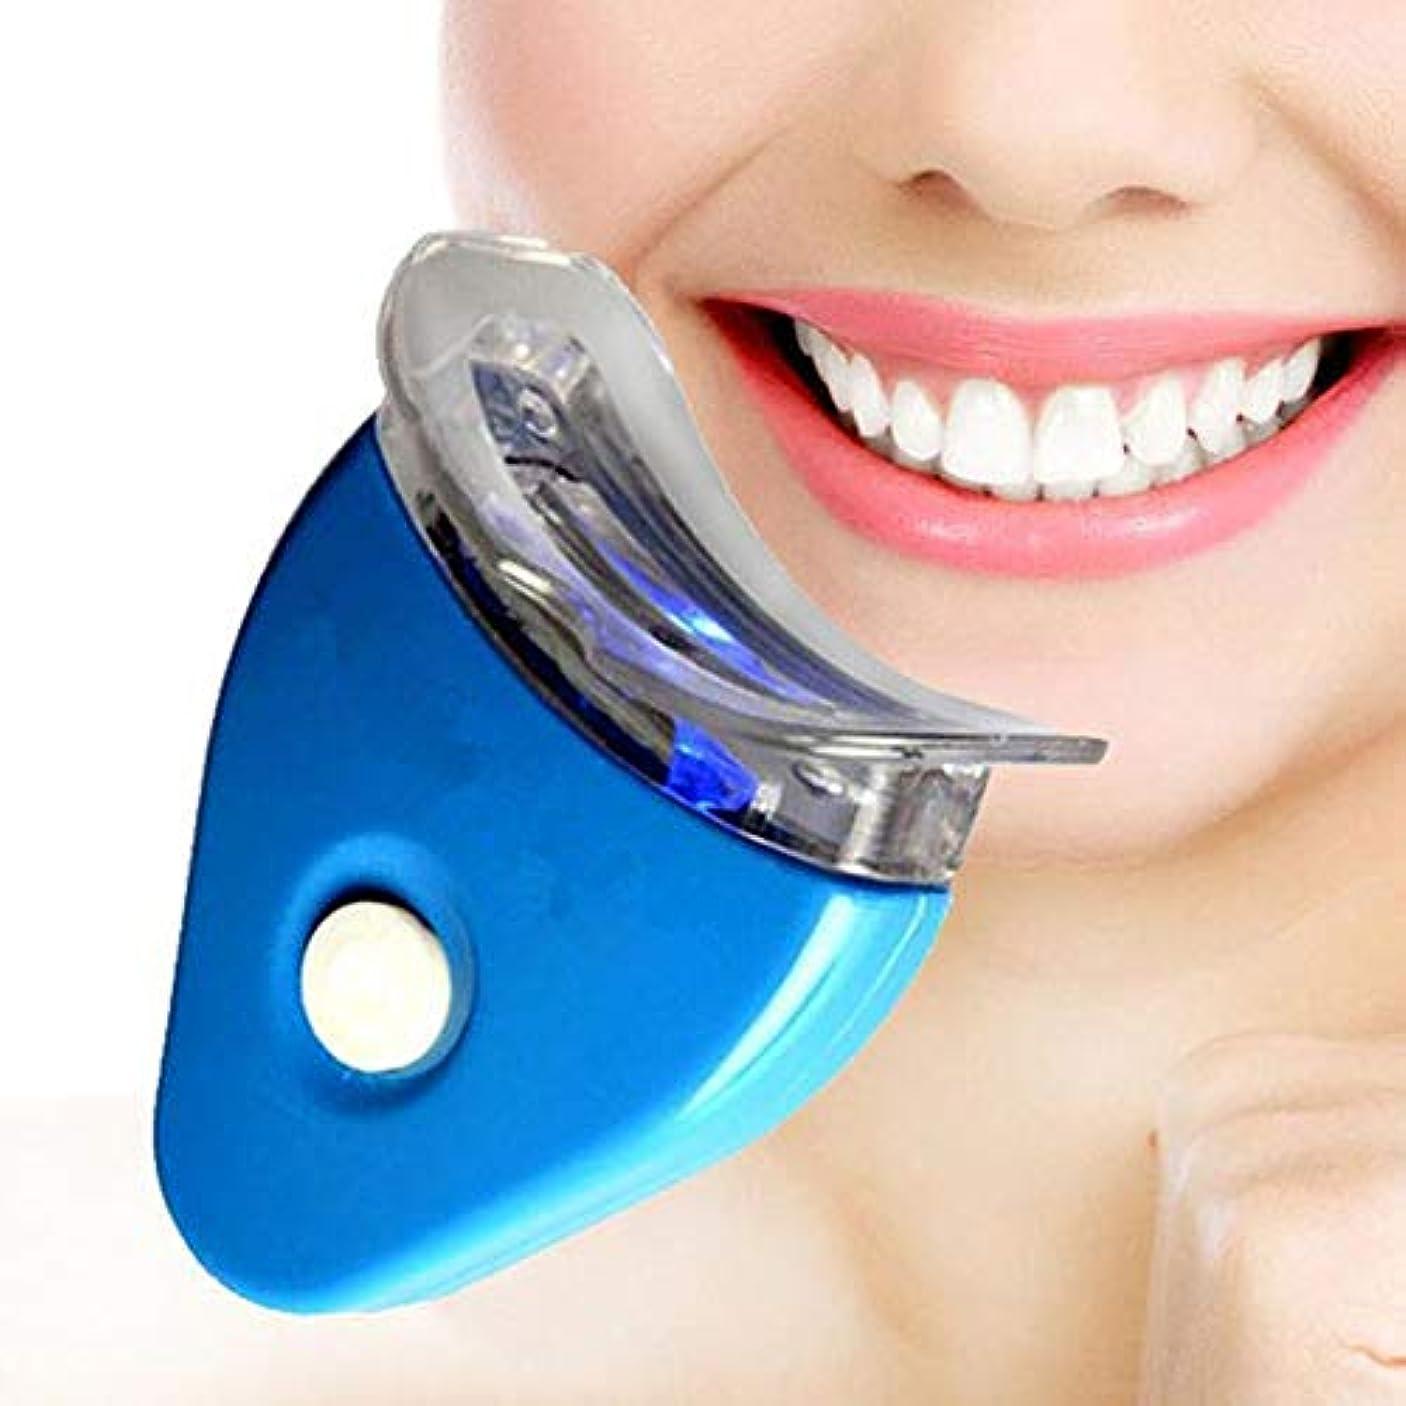 強いうなずくレトルト歯のホワイトニングキット、歯磨き粉漂白健康な口腔ケア歯磨き粉個人用歯科キット/健康な口腔ケア、LEDライト付き